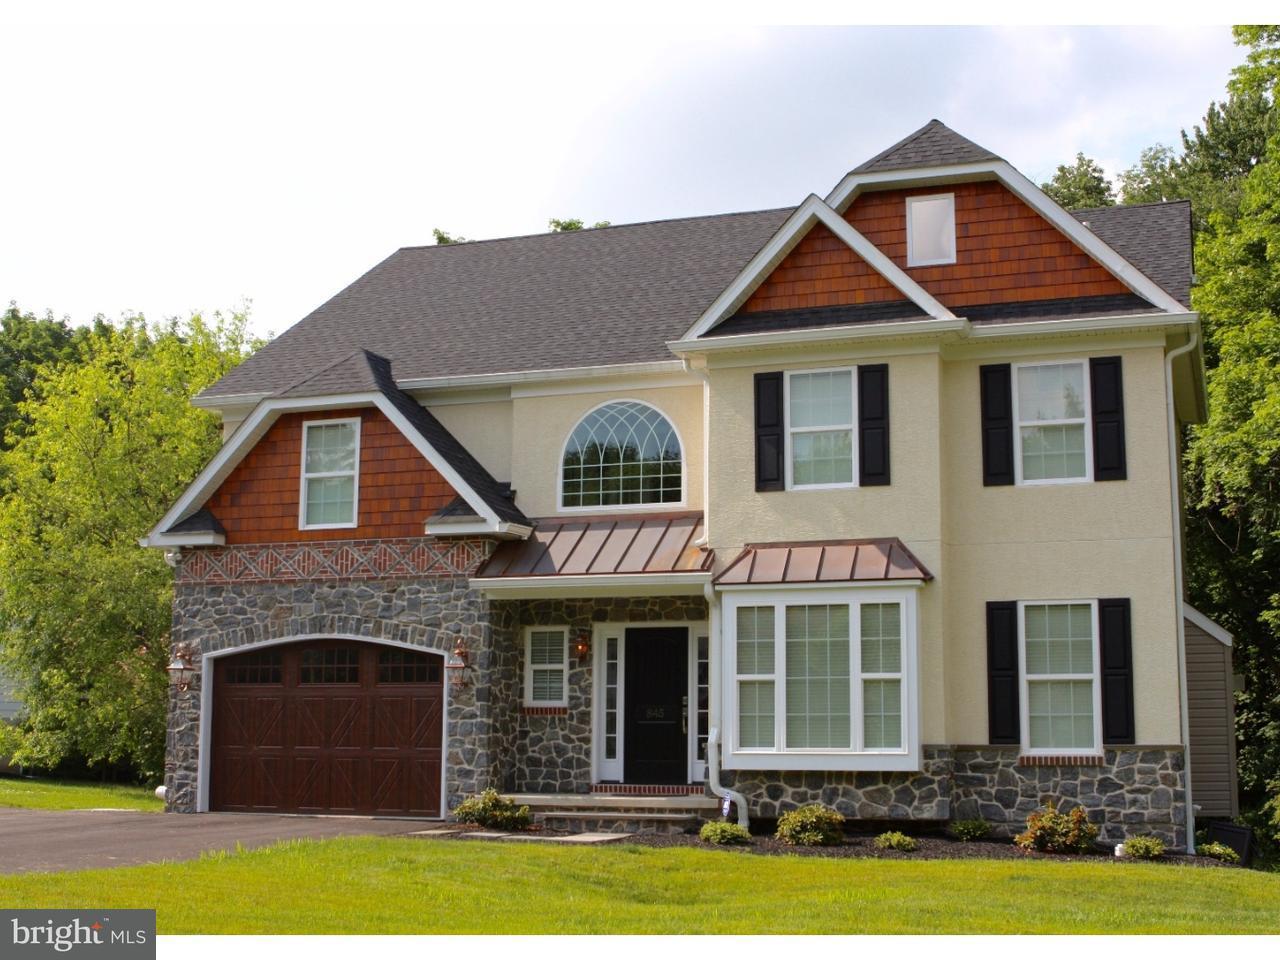 Maison unifamiliale pour l Vente à 845 E PHILIP Drive Phoenixville, Pennsylvanie 19460 États-Unis